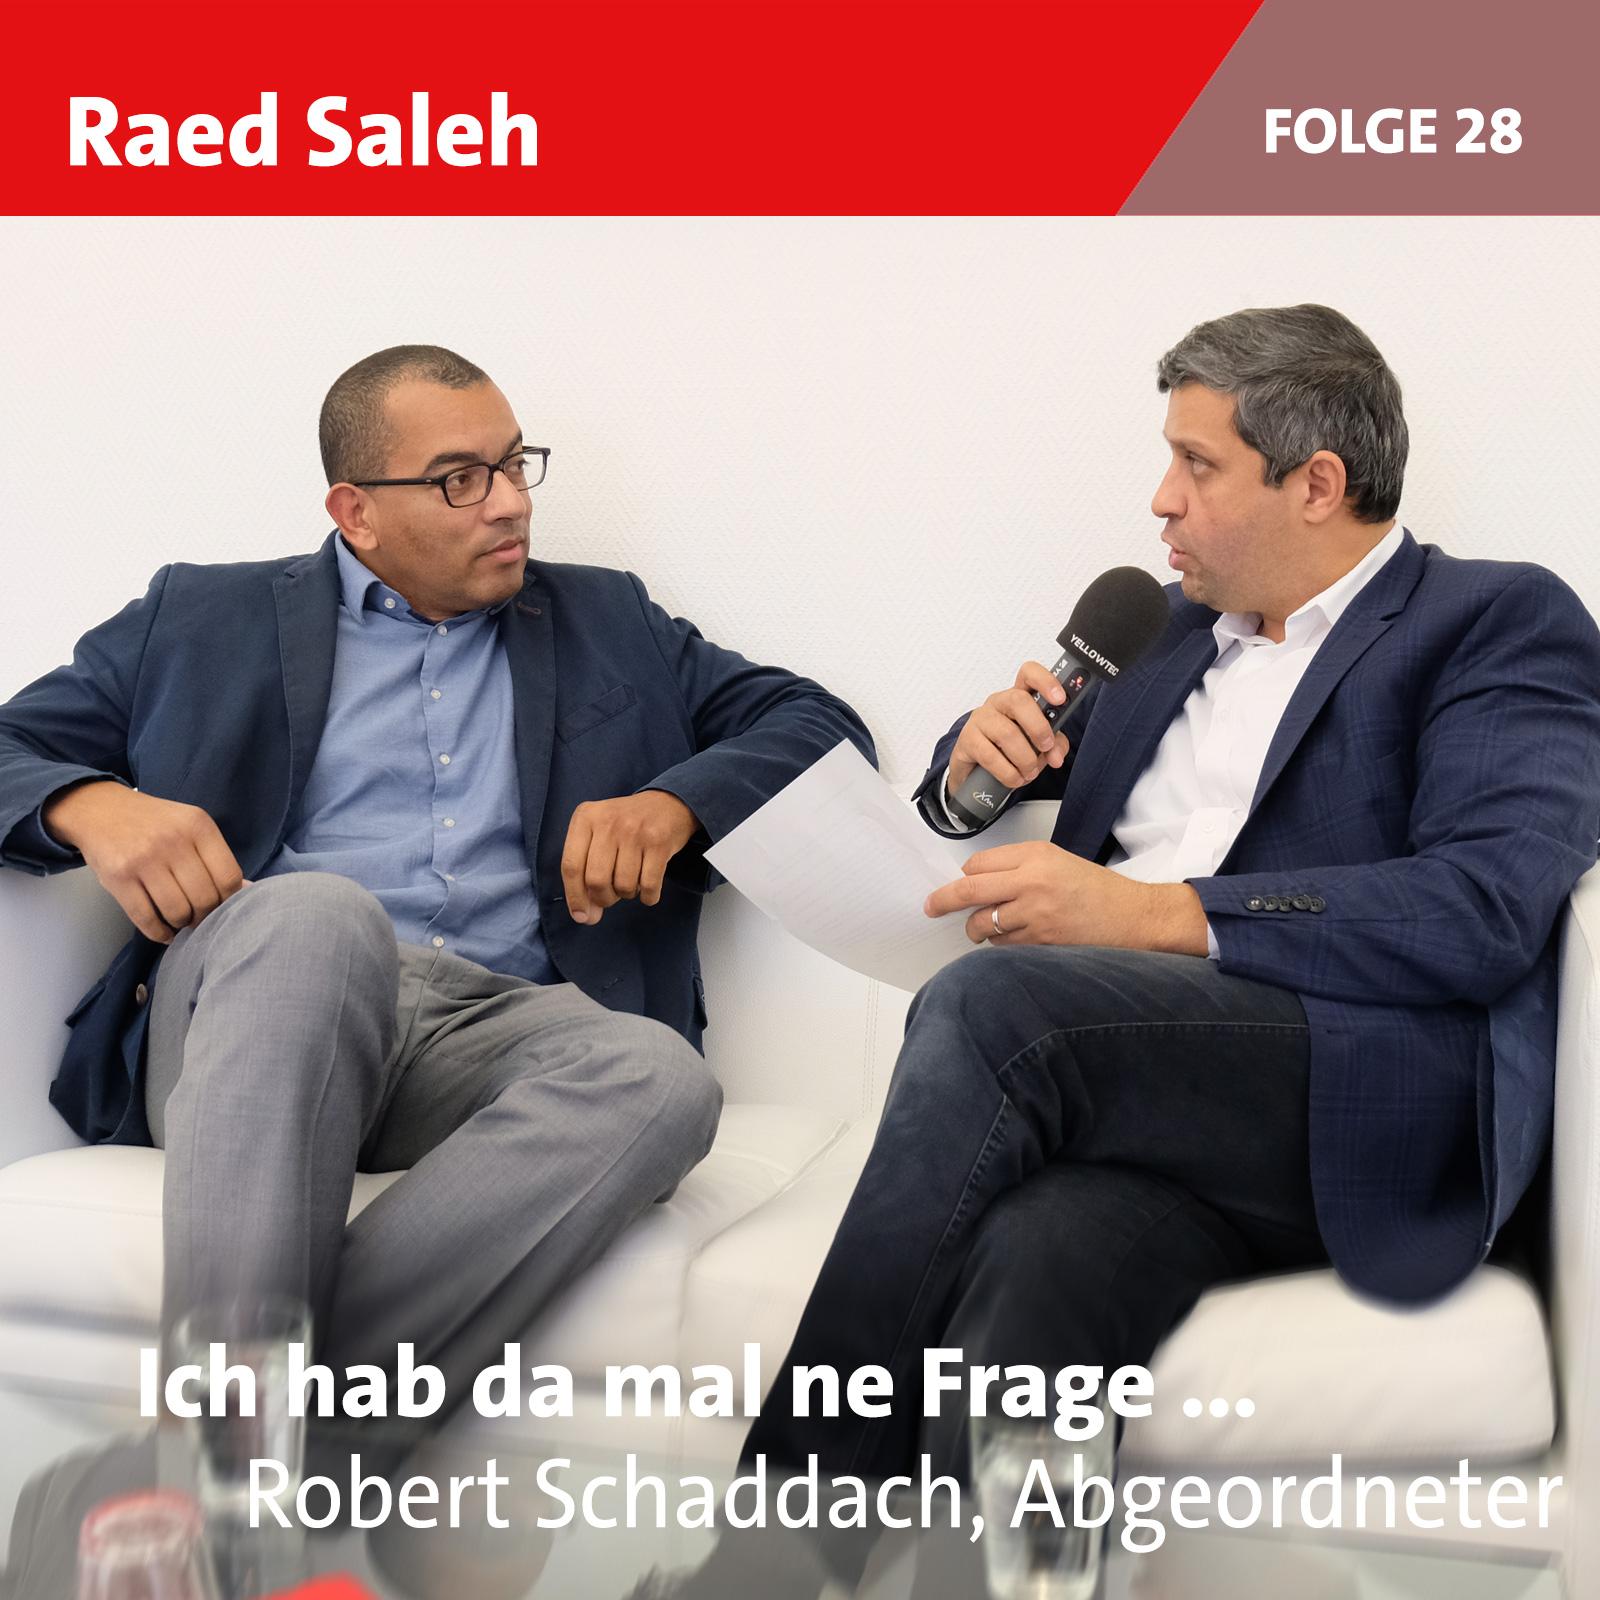 Folge 28: Robert Schaddach (Sonderpodcast)